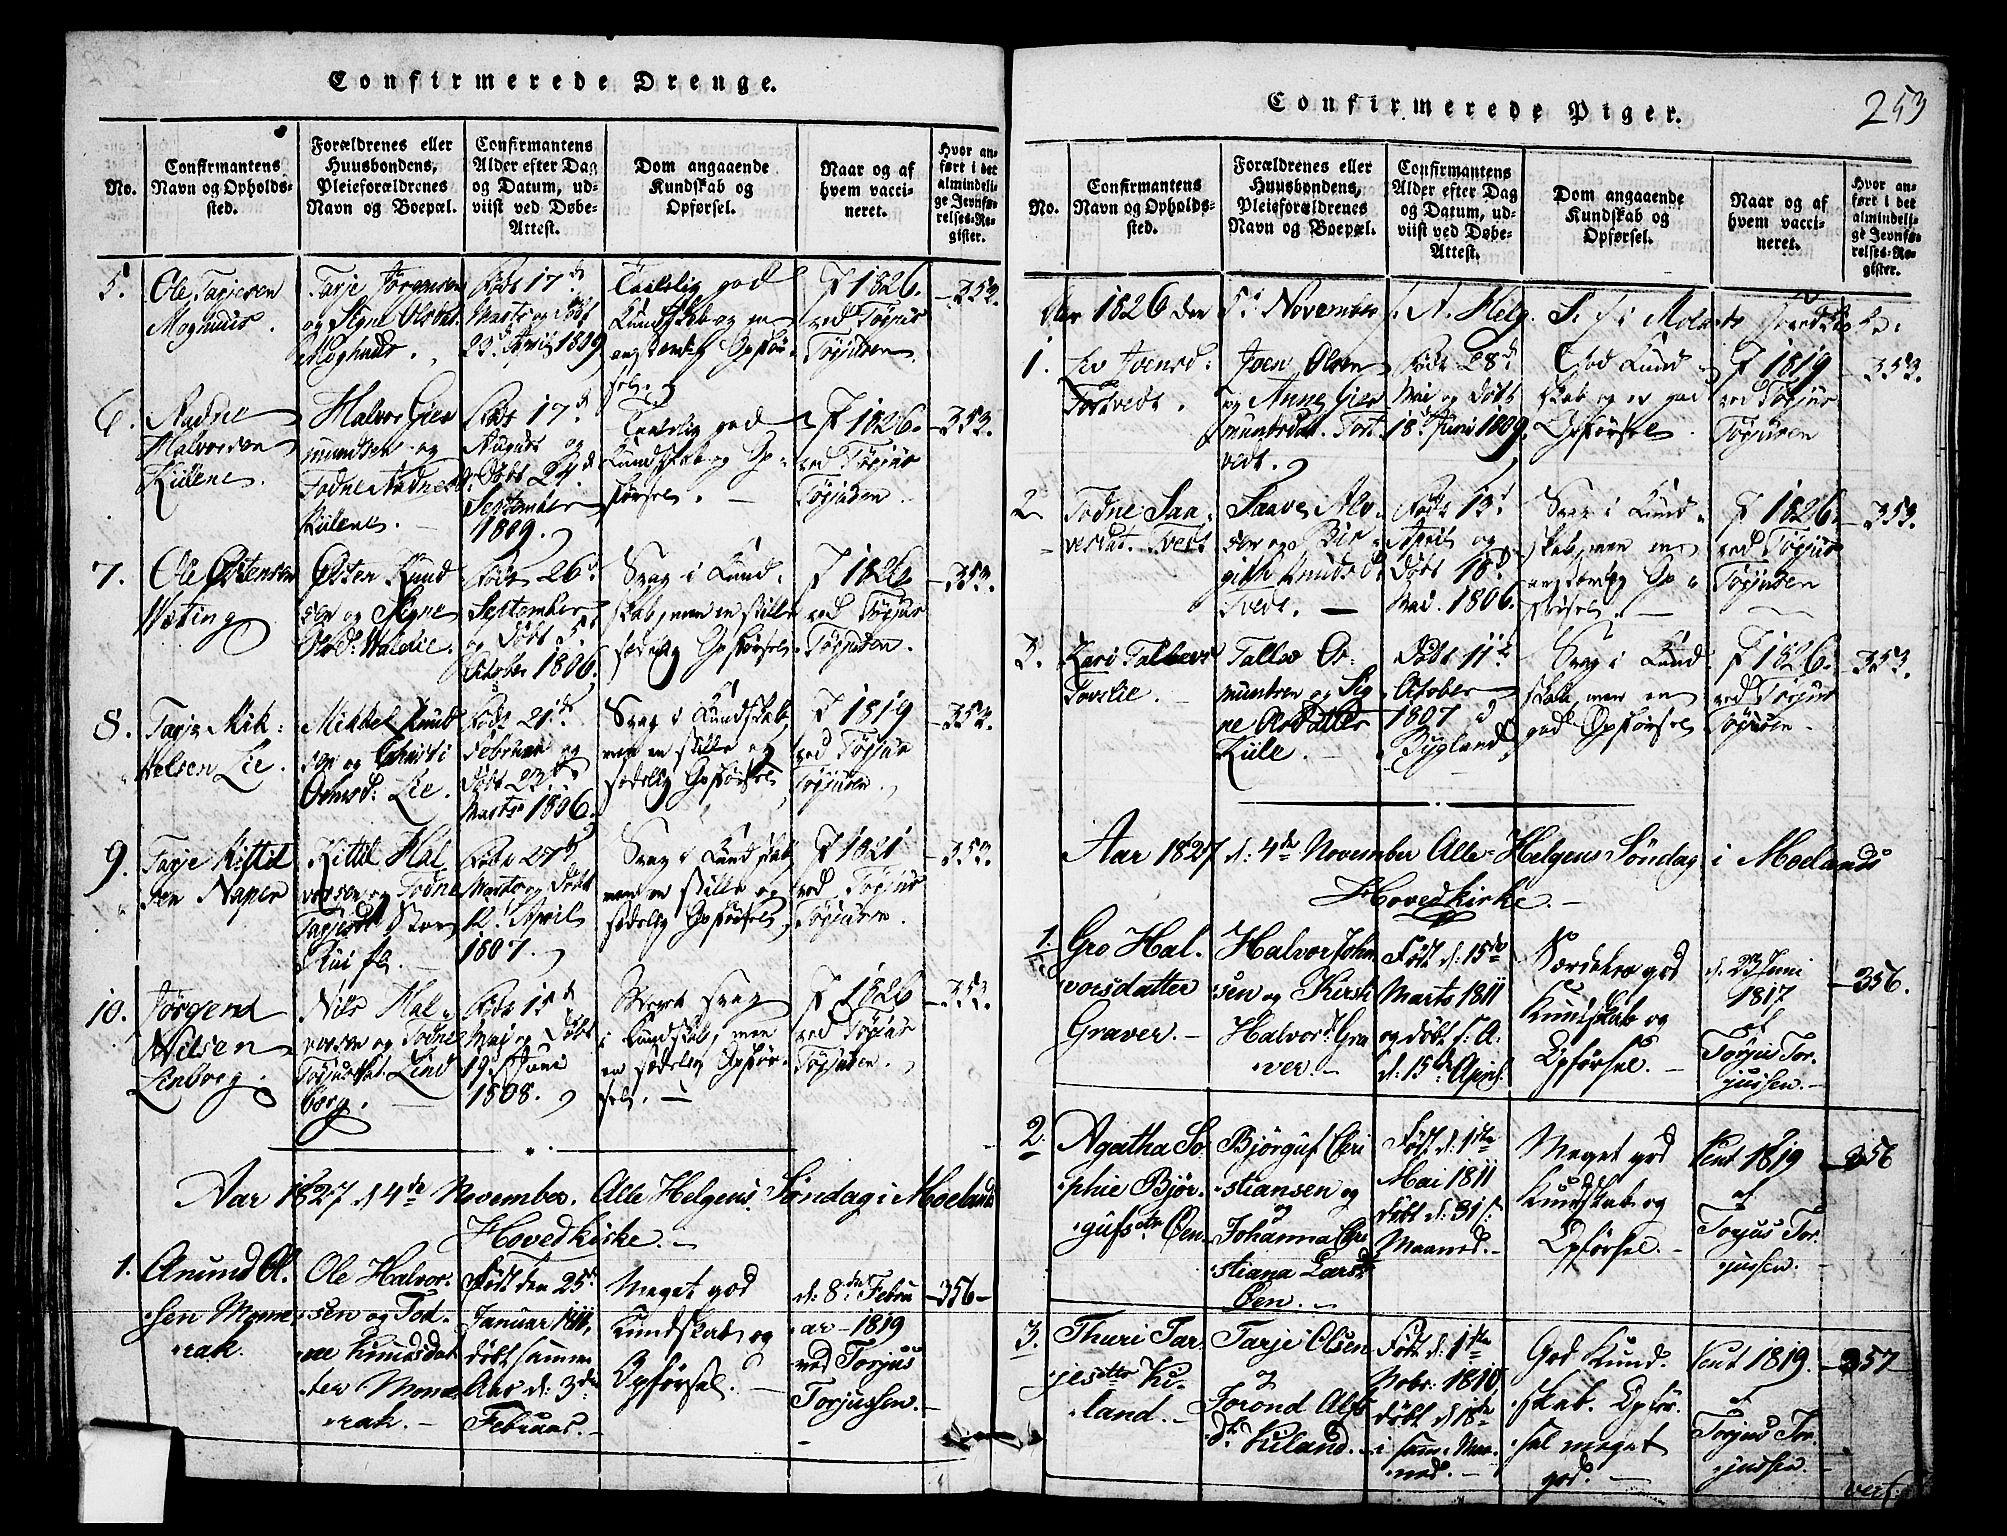 SAKO, Fyresdal kirkebøker, F/Fa/L0003: Ministerialbok nr. I 3, 1815-1840, s. 253